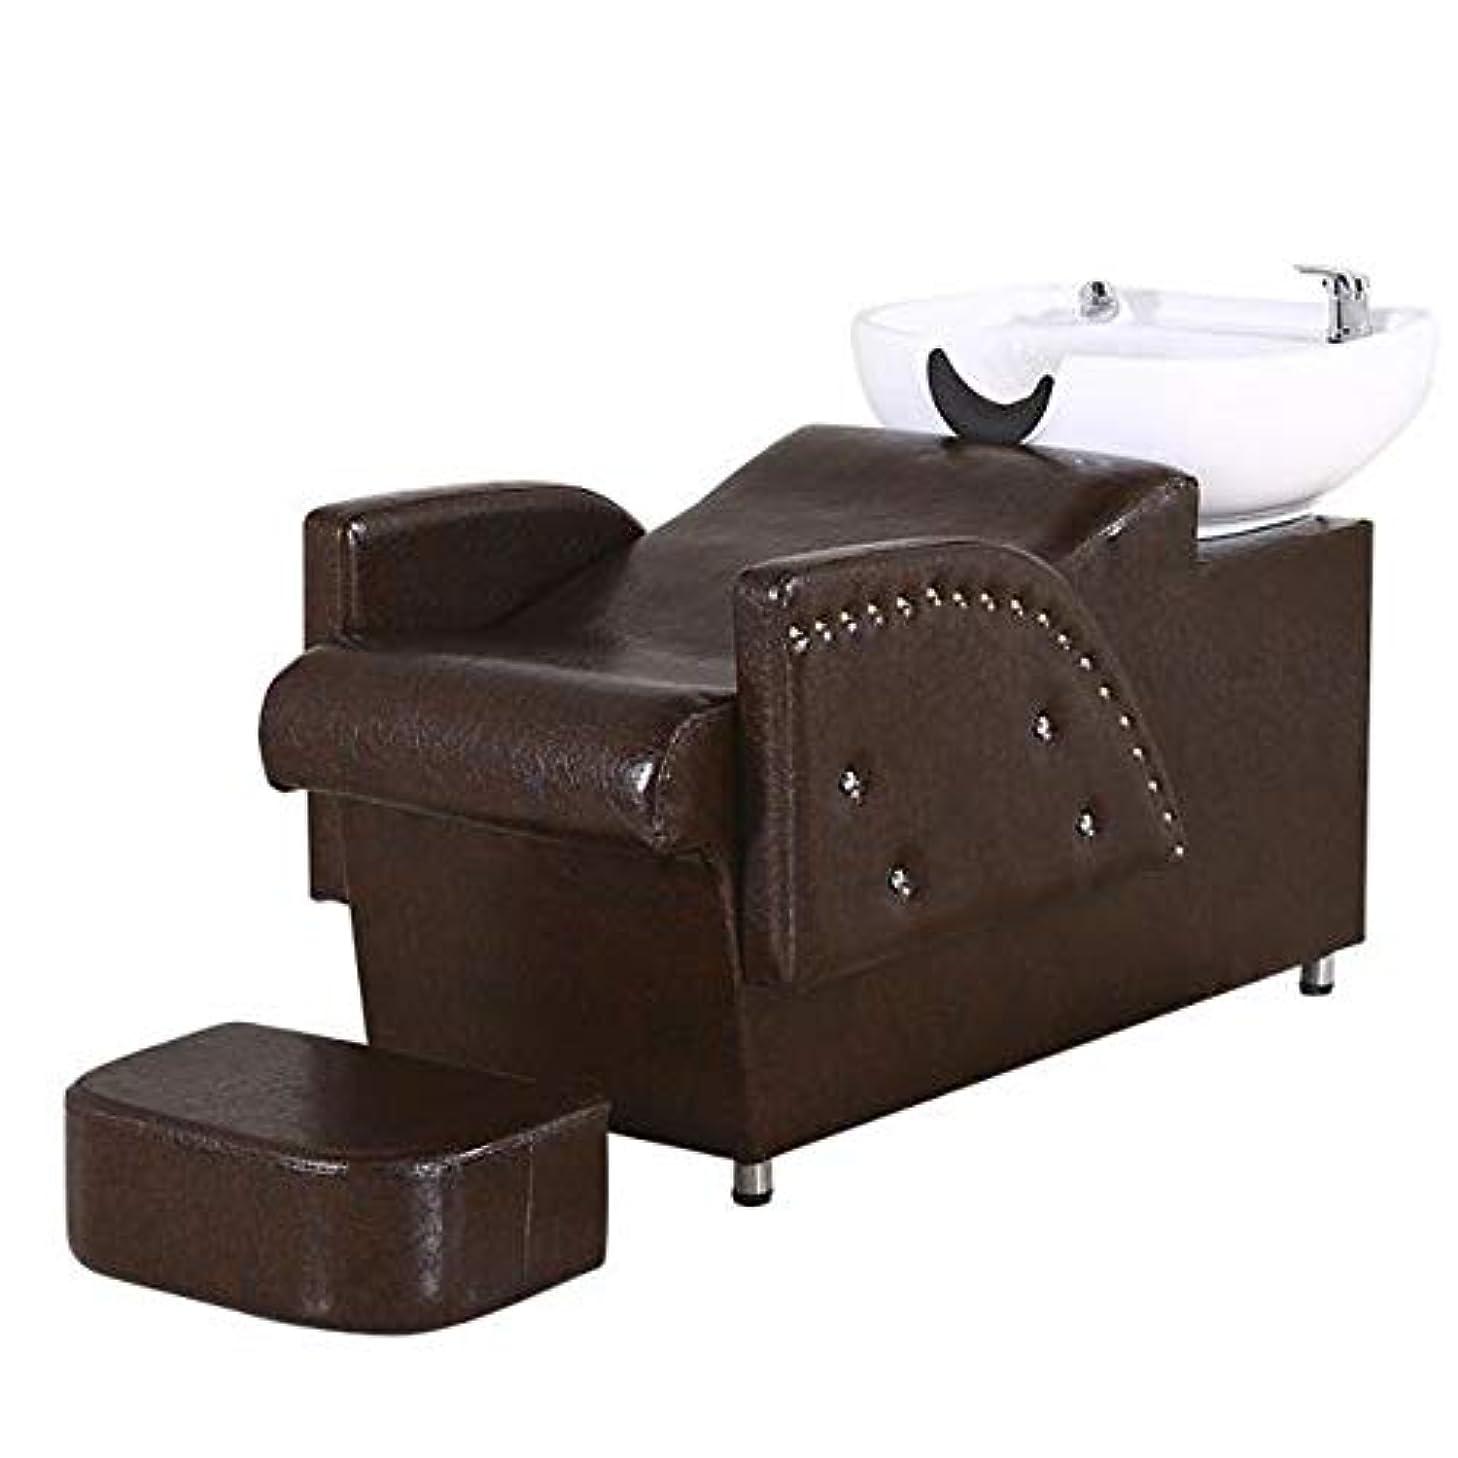 可能性タクシーシャンプー椅子、逆洗ユニットシャンプーボウル理髪シンク椅子スパ美容院機器半横臥シャンプーベッド